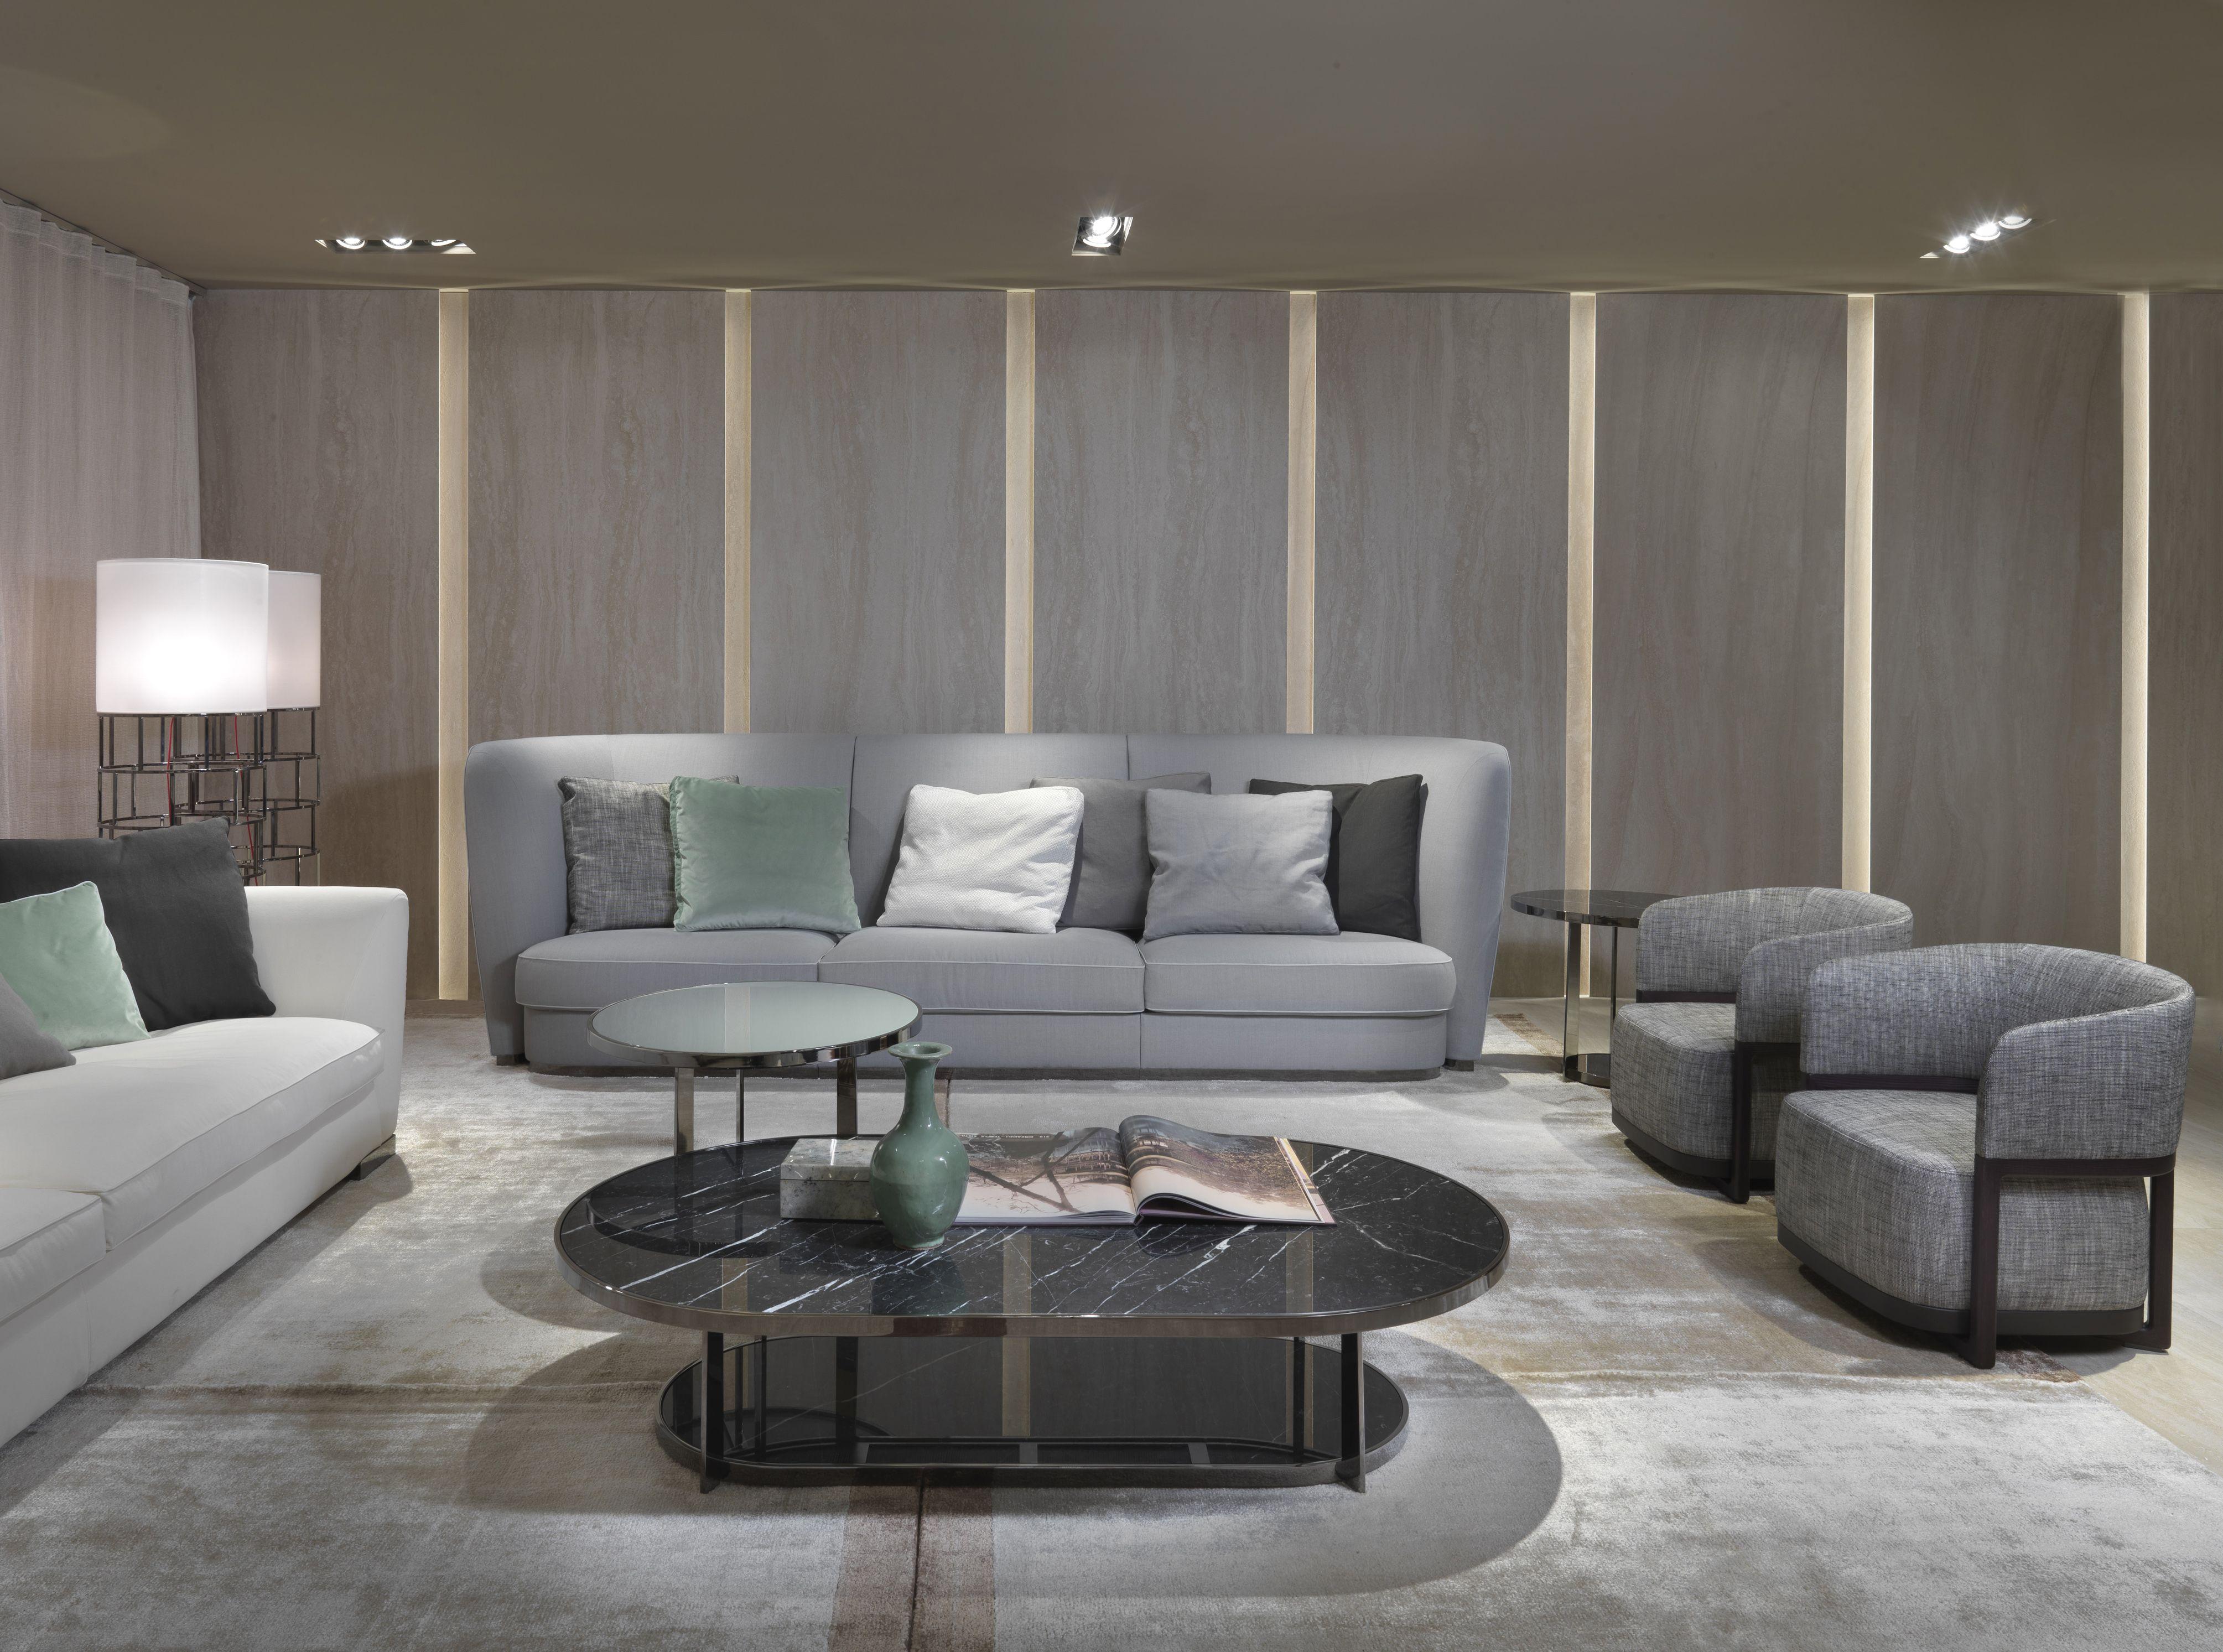 Mobili Di Lusso Milano : Flexform mood salone del mobile di milano altea sofa design